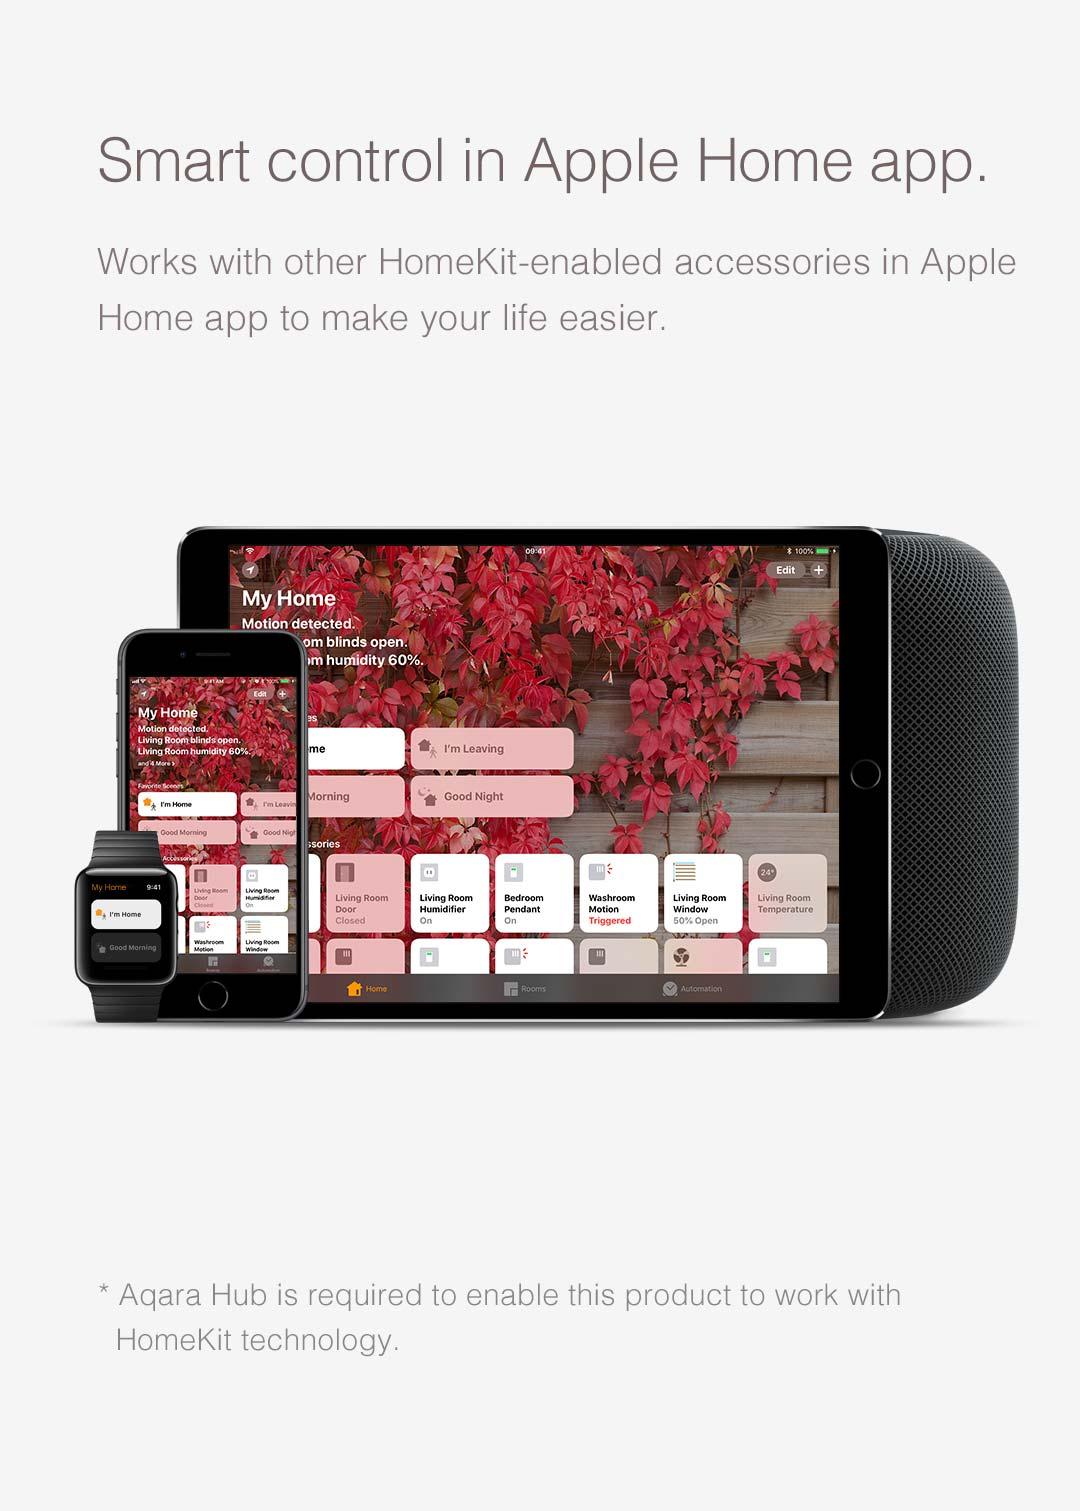 Smart Control in Apple Home App with Aqara door window sensor